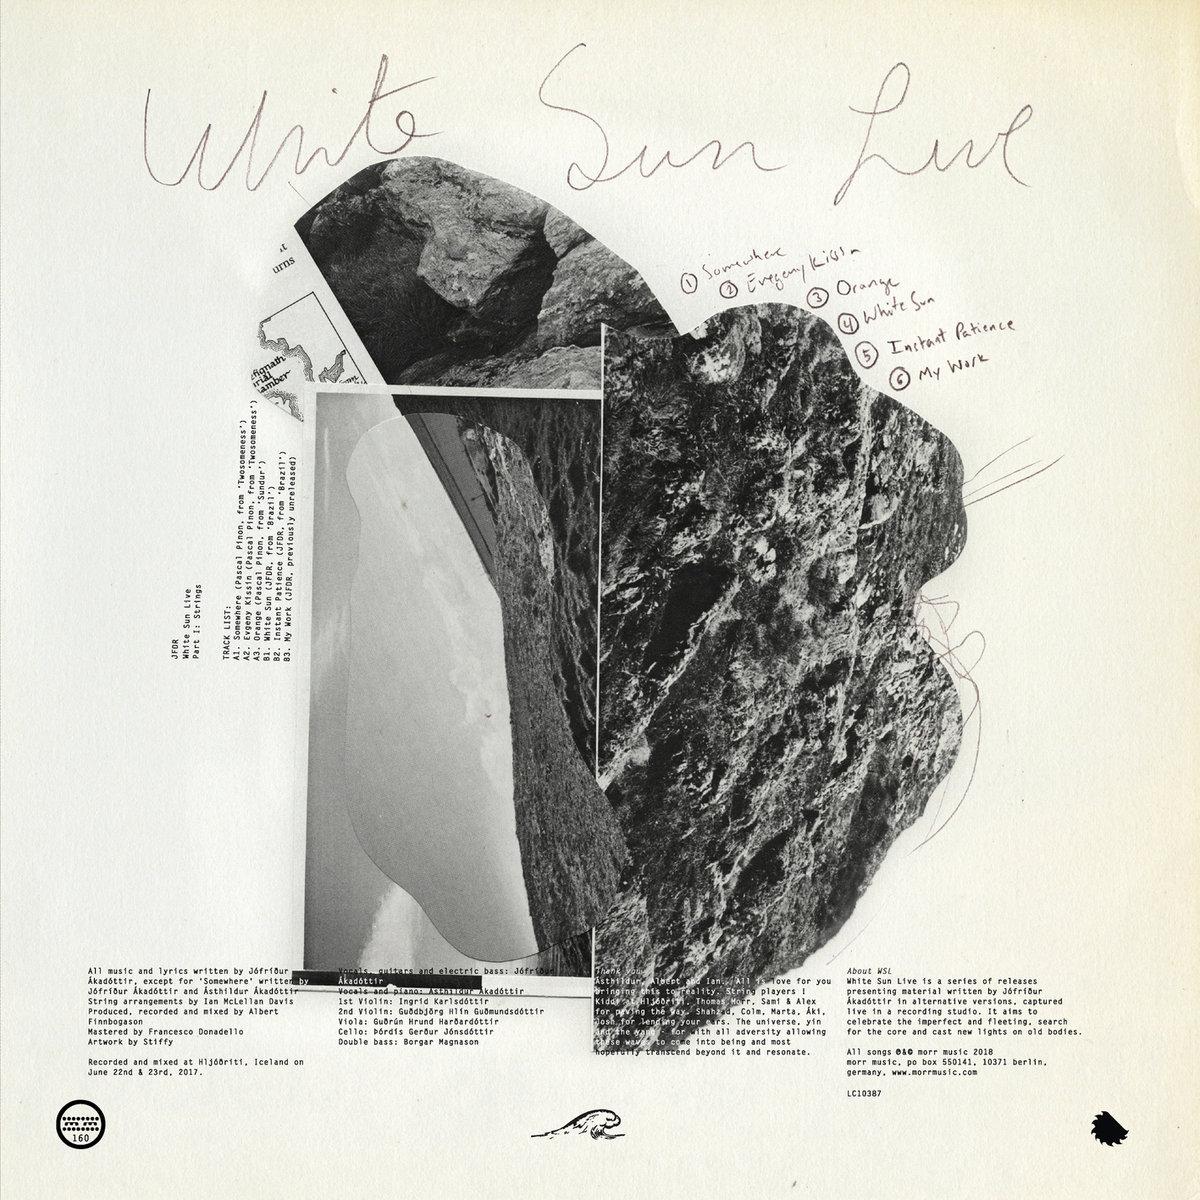 White Sun Live Part I Strings Jfdr